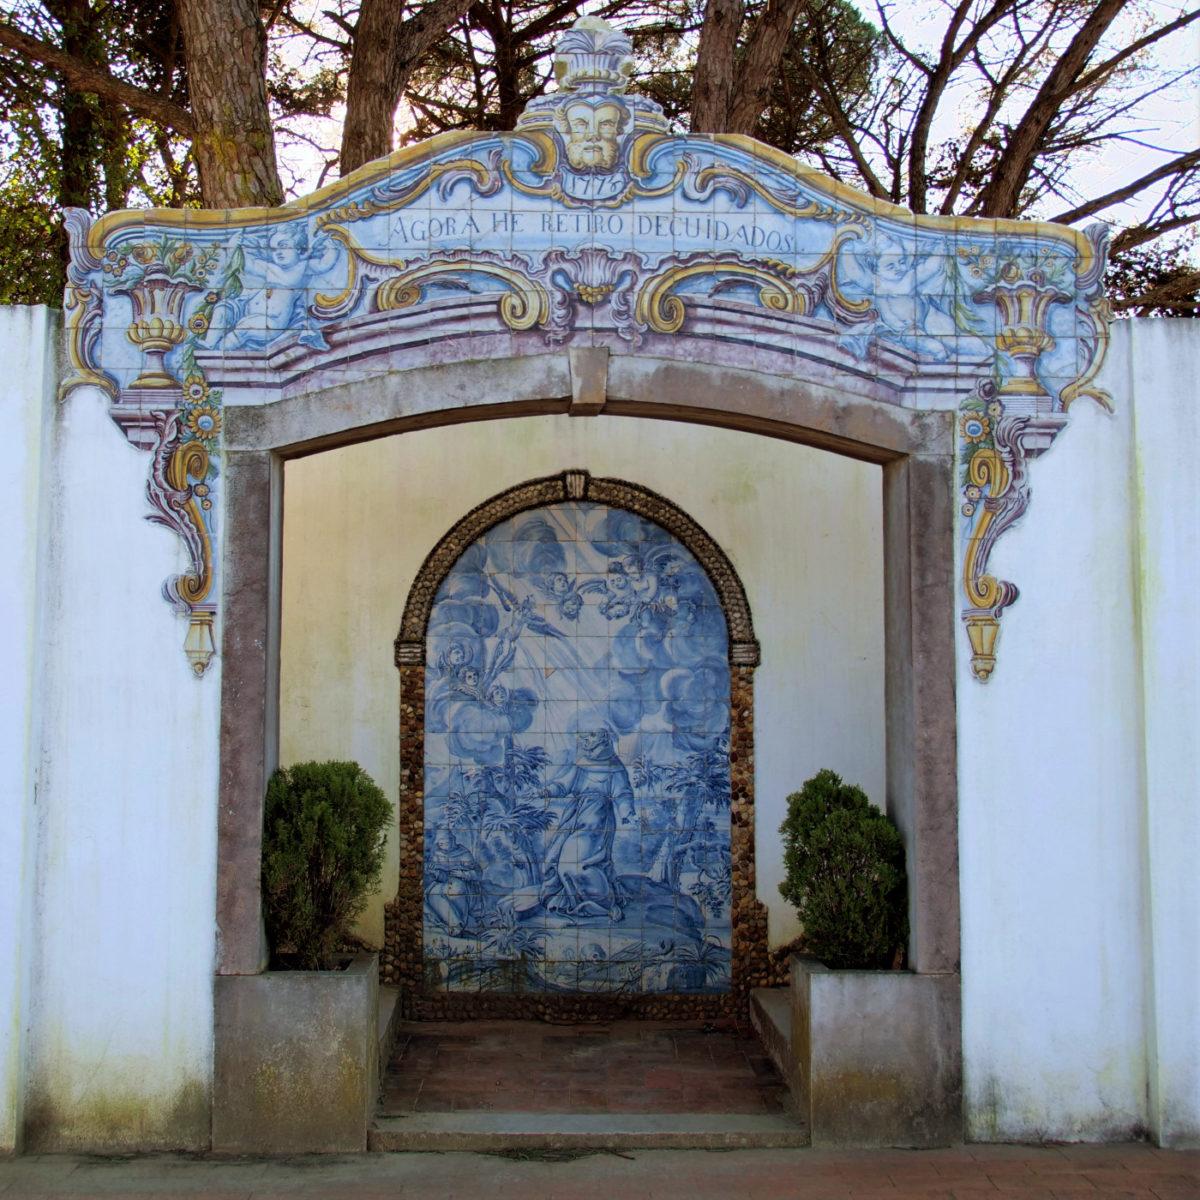 Azulejo-Kunst: Dieses Tor datiert auf 1778 und war der ursprüngliche Eingang zum höher gelegenen Klostergarten.